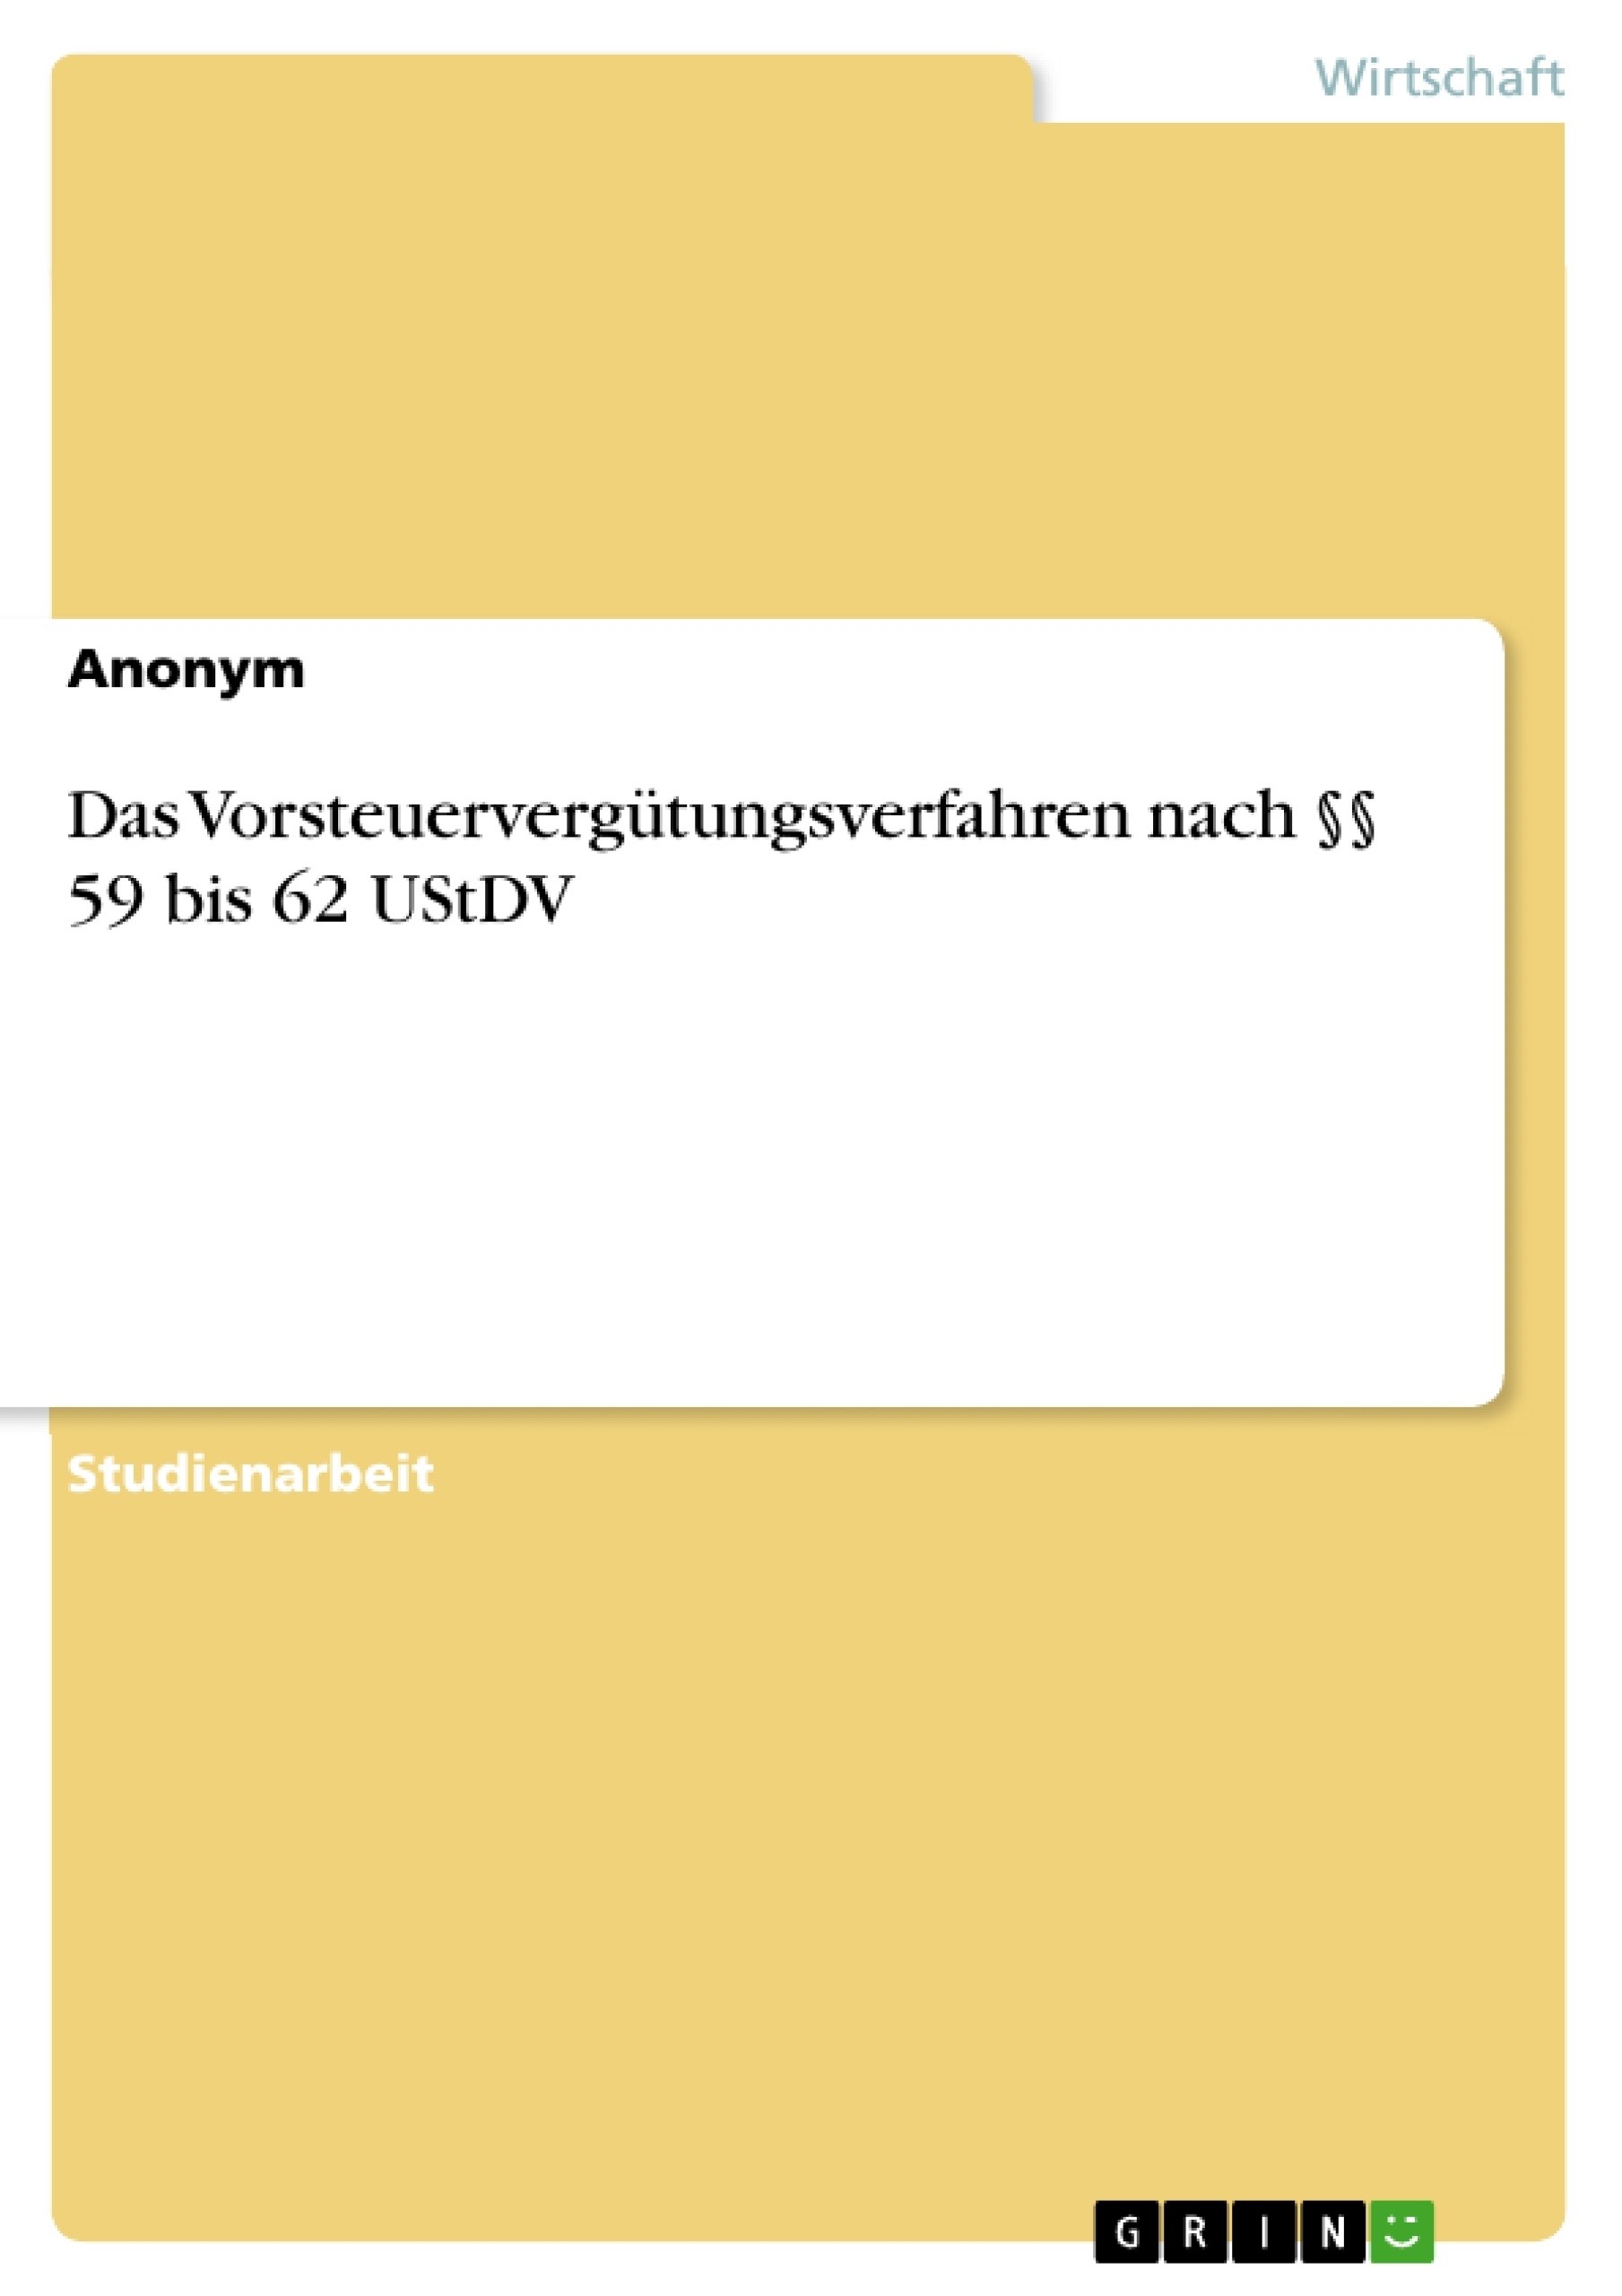 Titel: Das Vorsteuervergütungsverfahren nach §§ 59 bis 62 UStDV